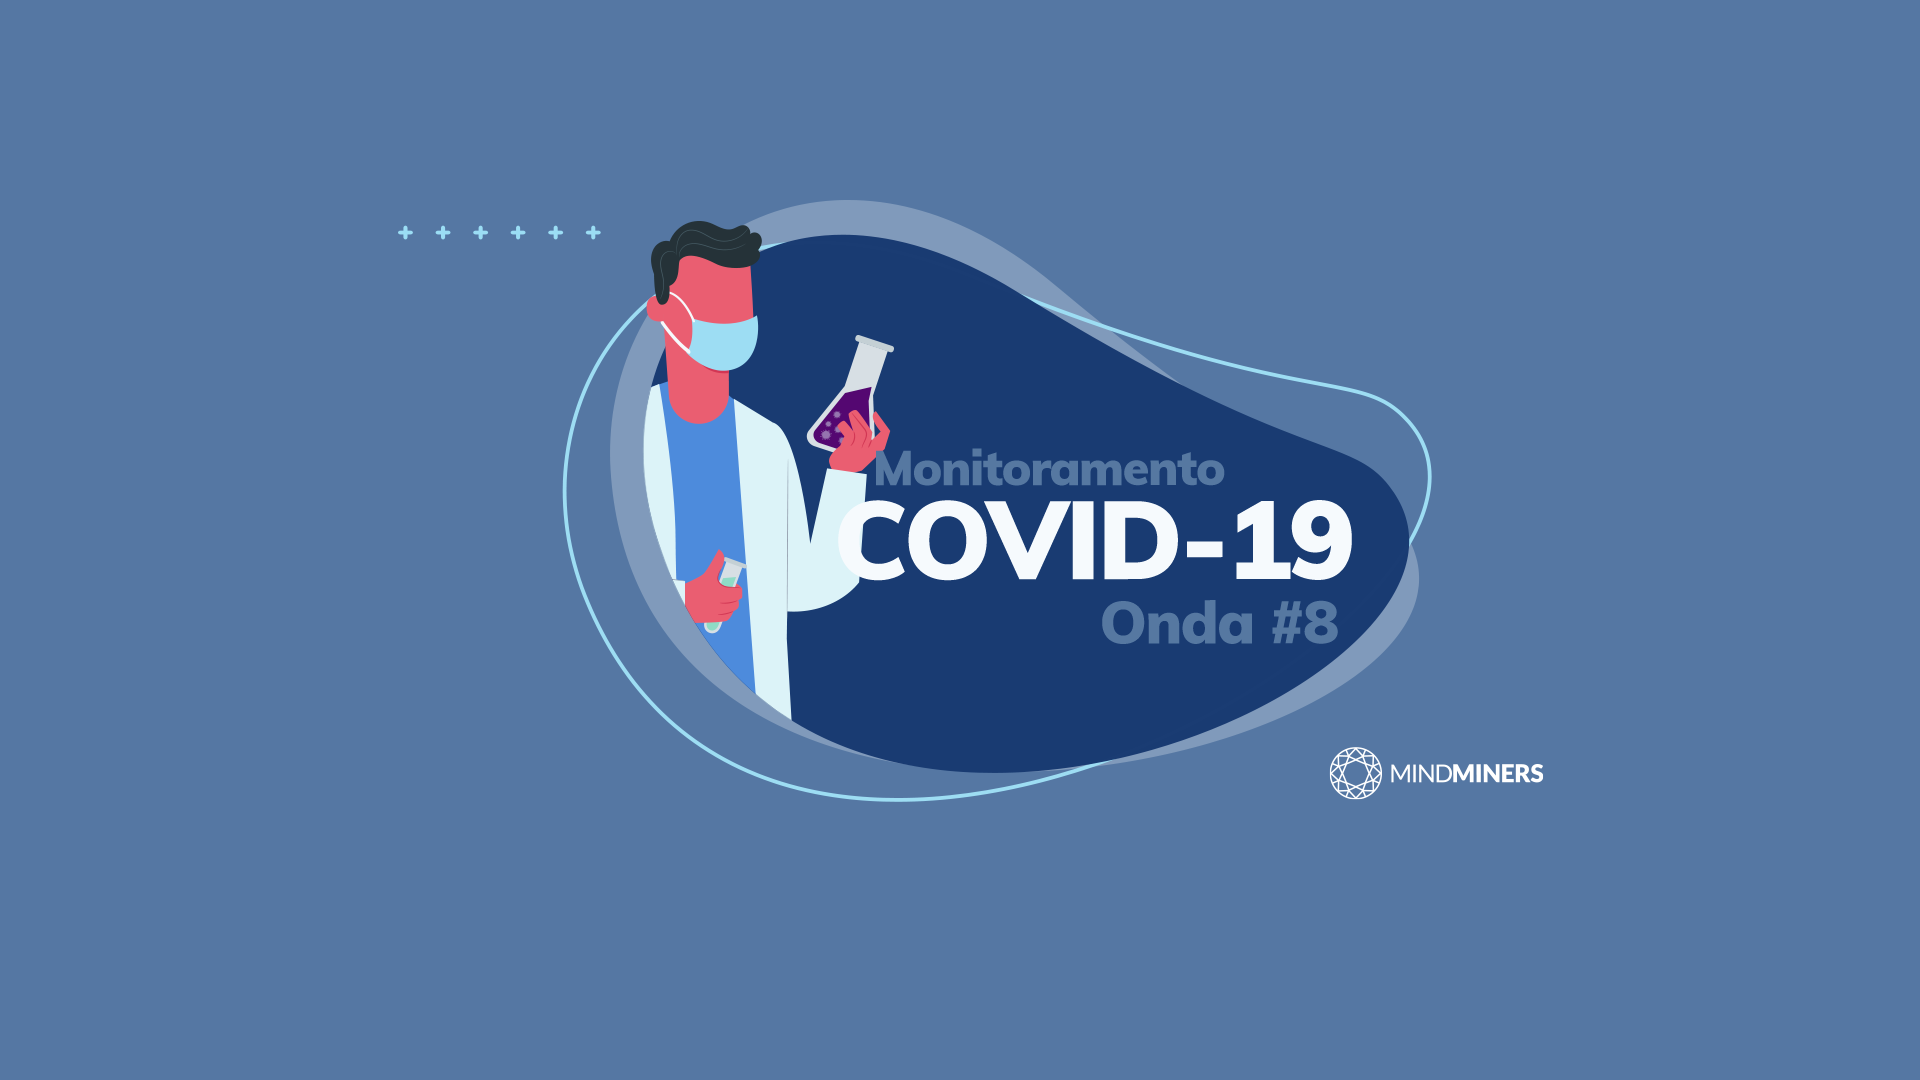 Monitoramento COVID-19: 8ª onda